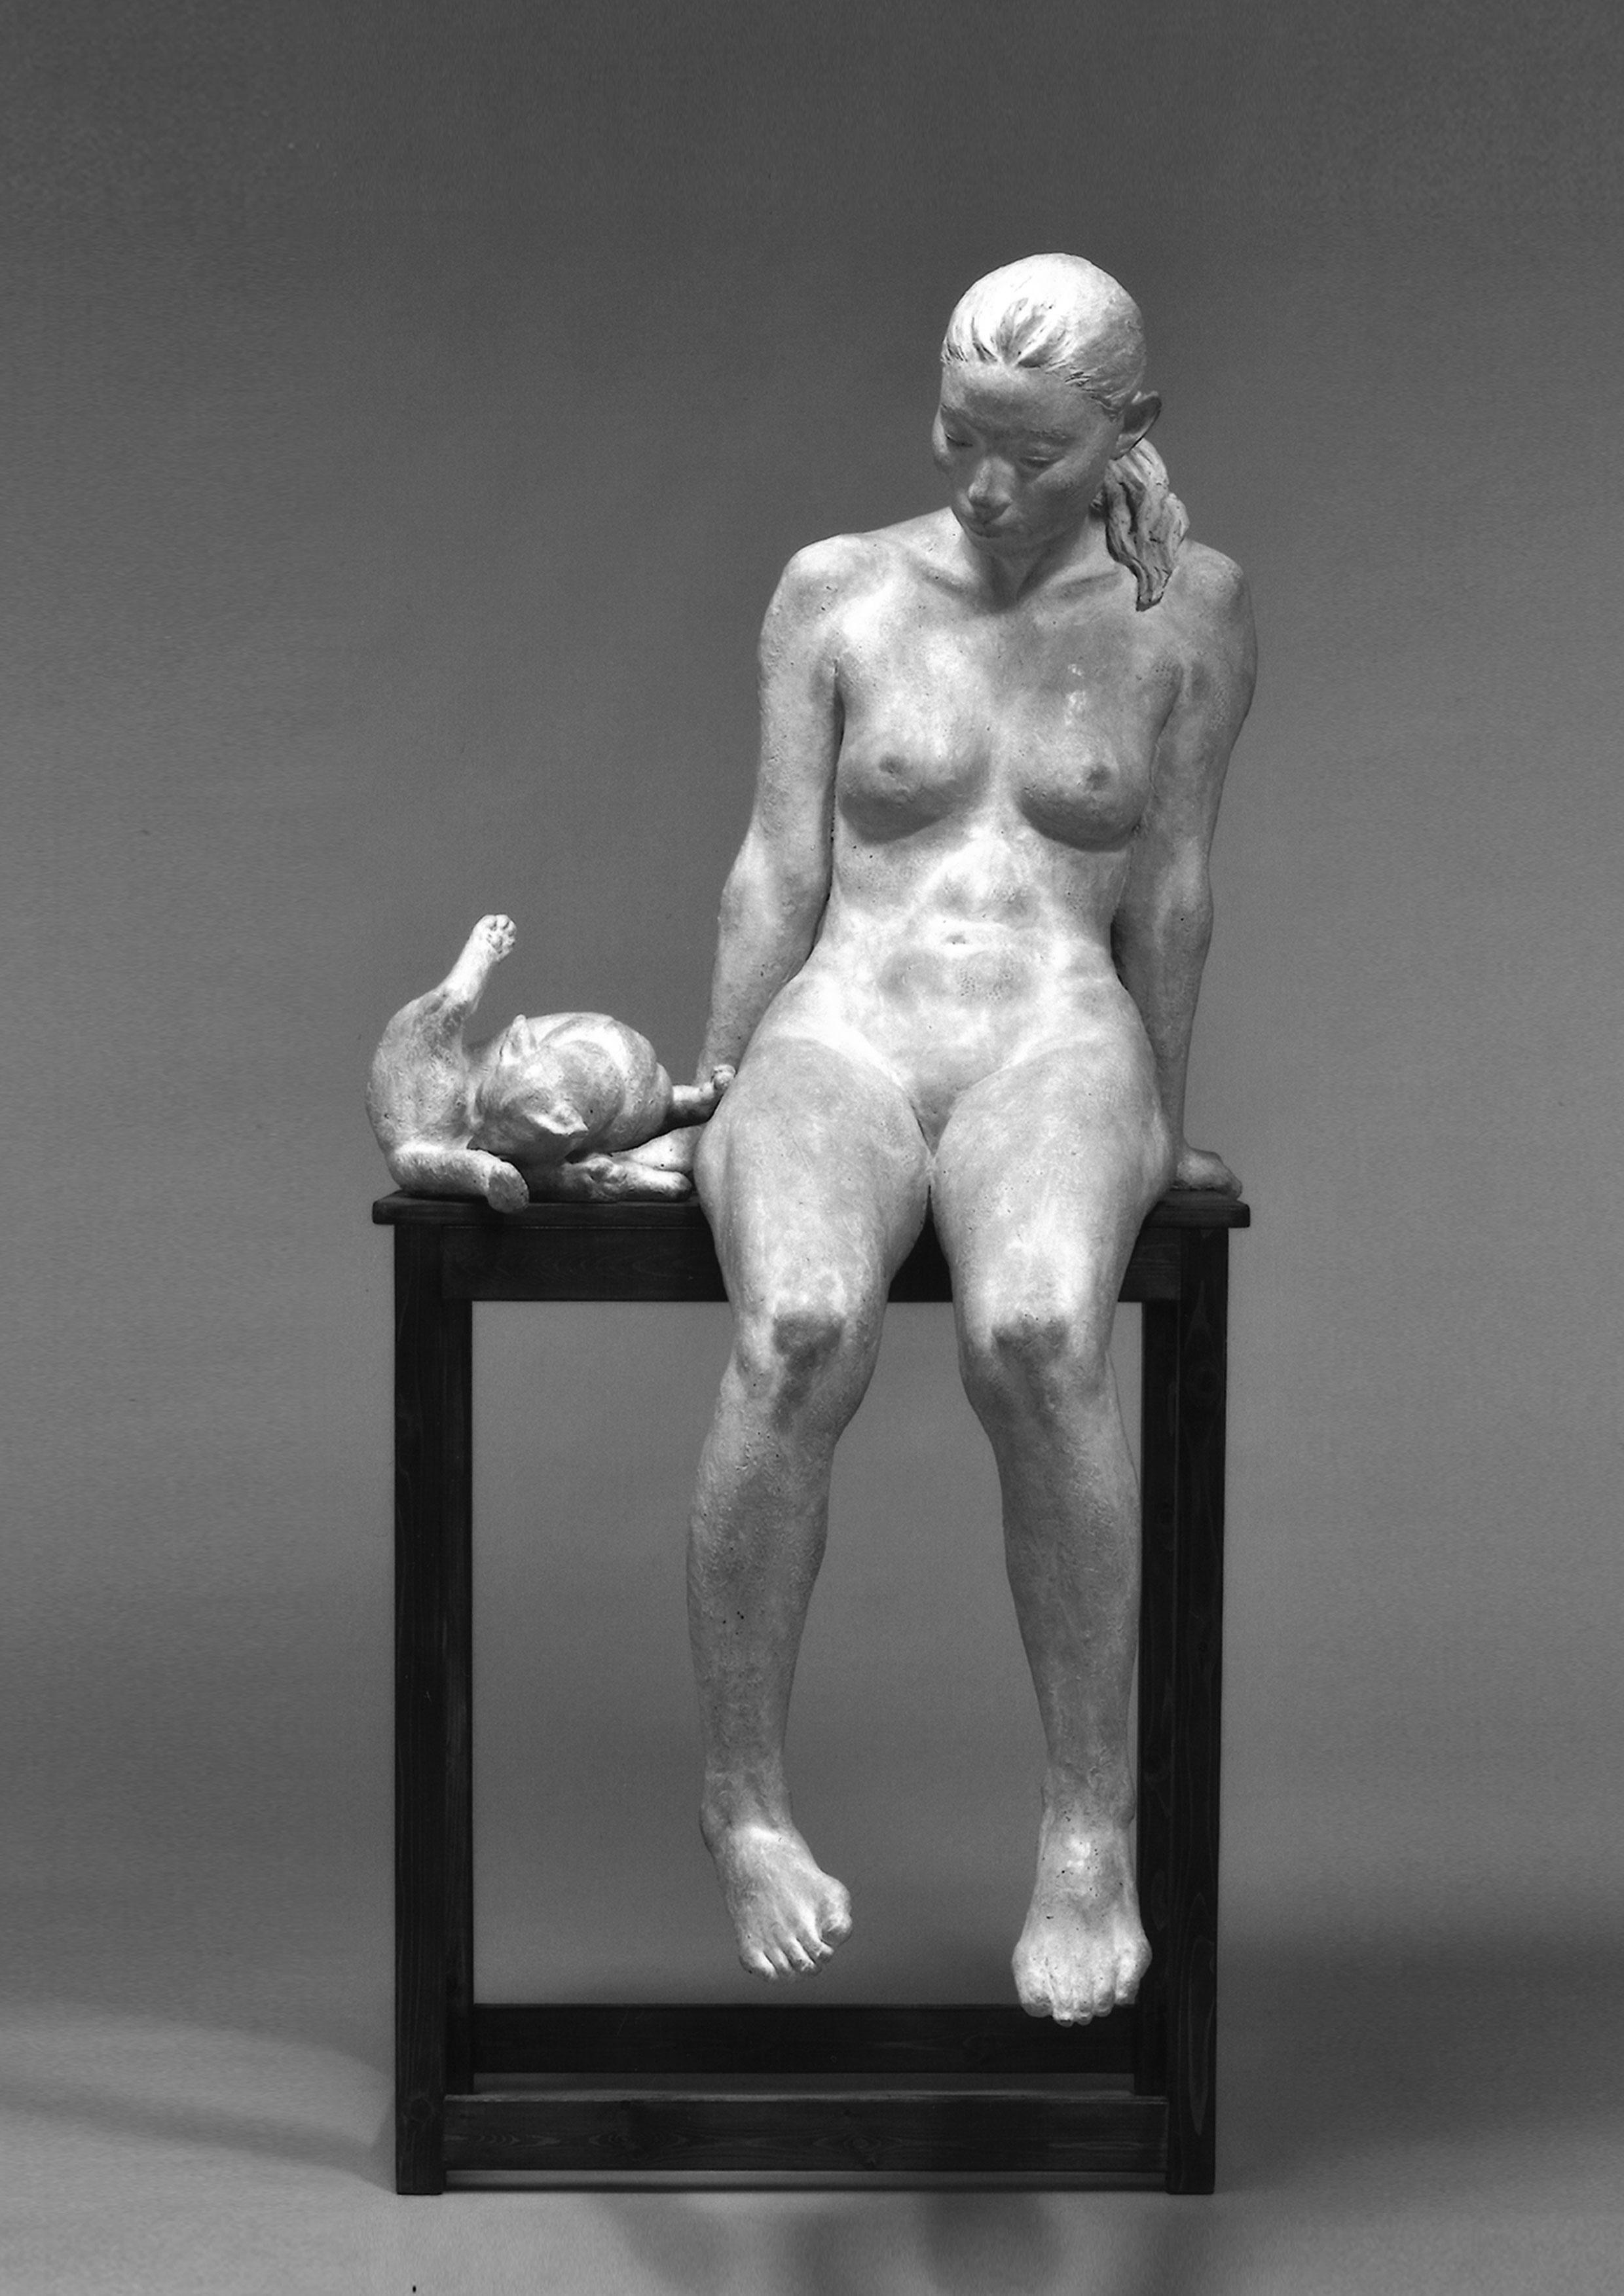 【鹿児島県歴史・美術センター 黎明館】第46回 サン・ジャック女流彫塑展